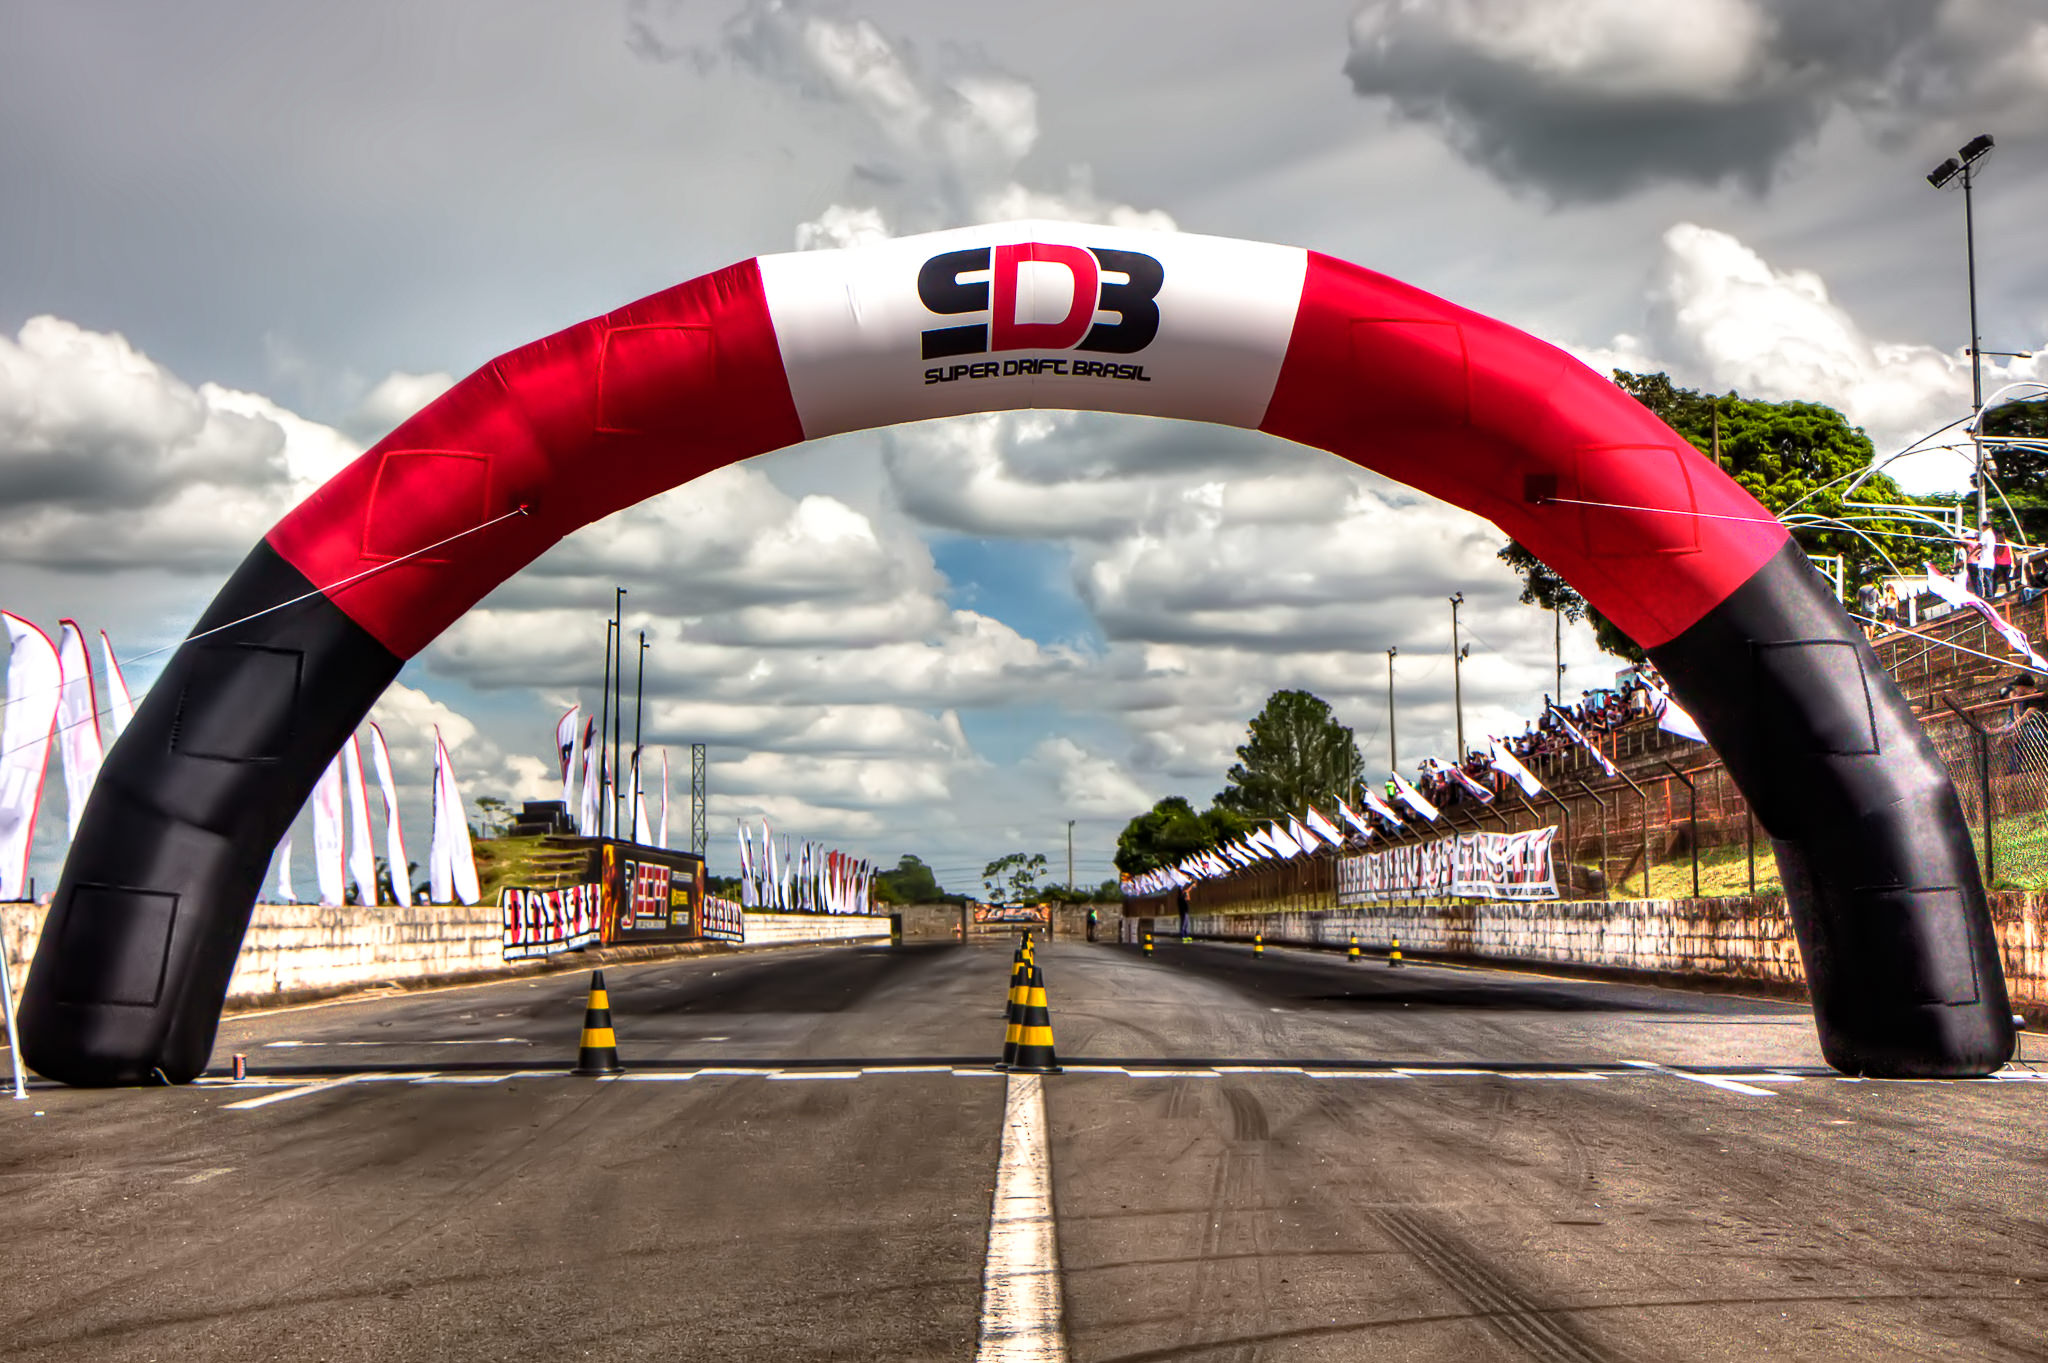 Pórtico e Largada da 1ª Etapa do Super Drift Brasil em Piracicaba